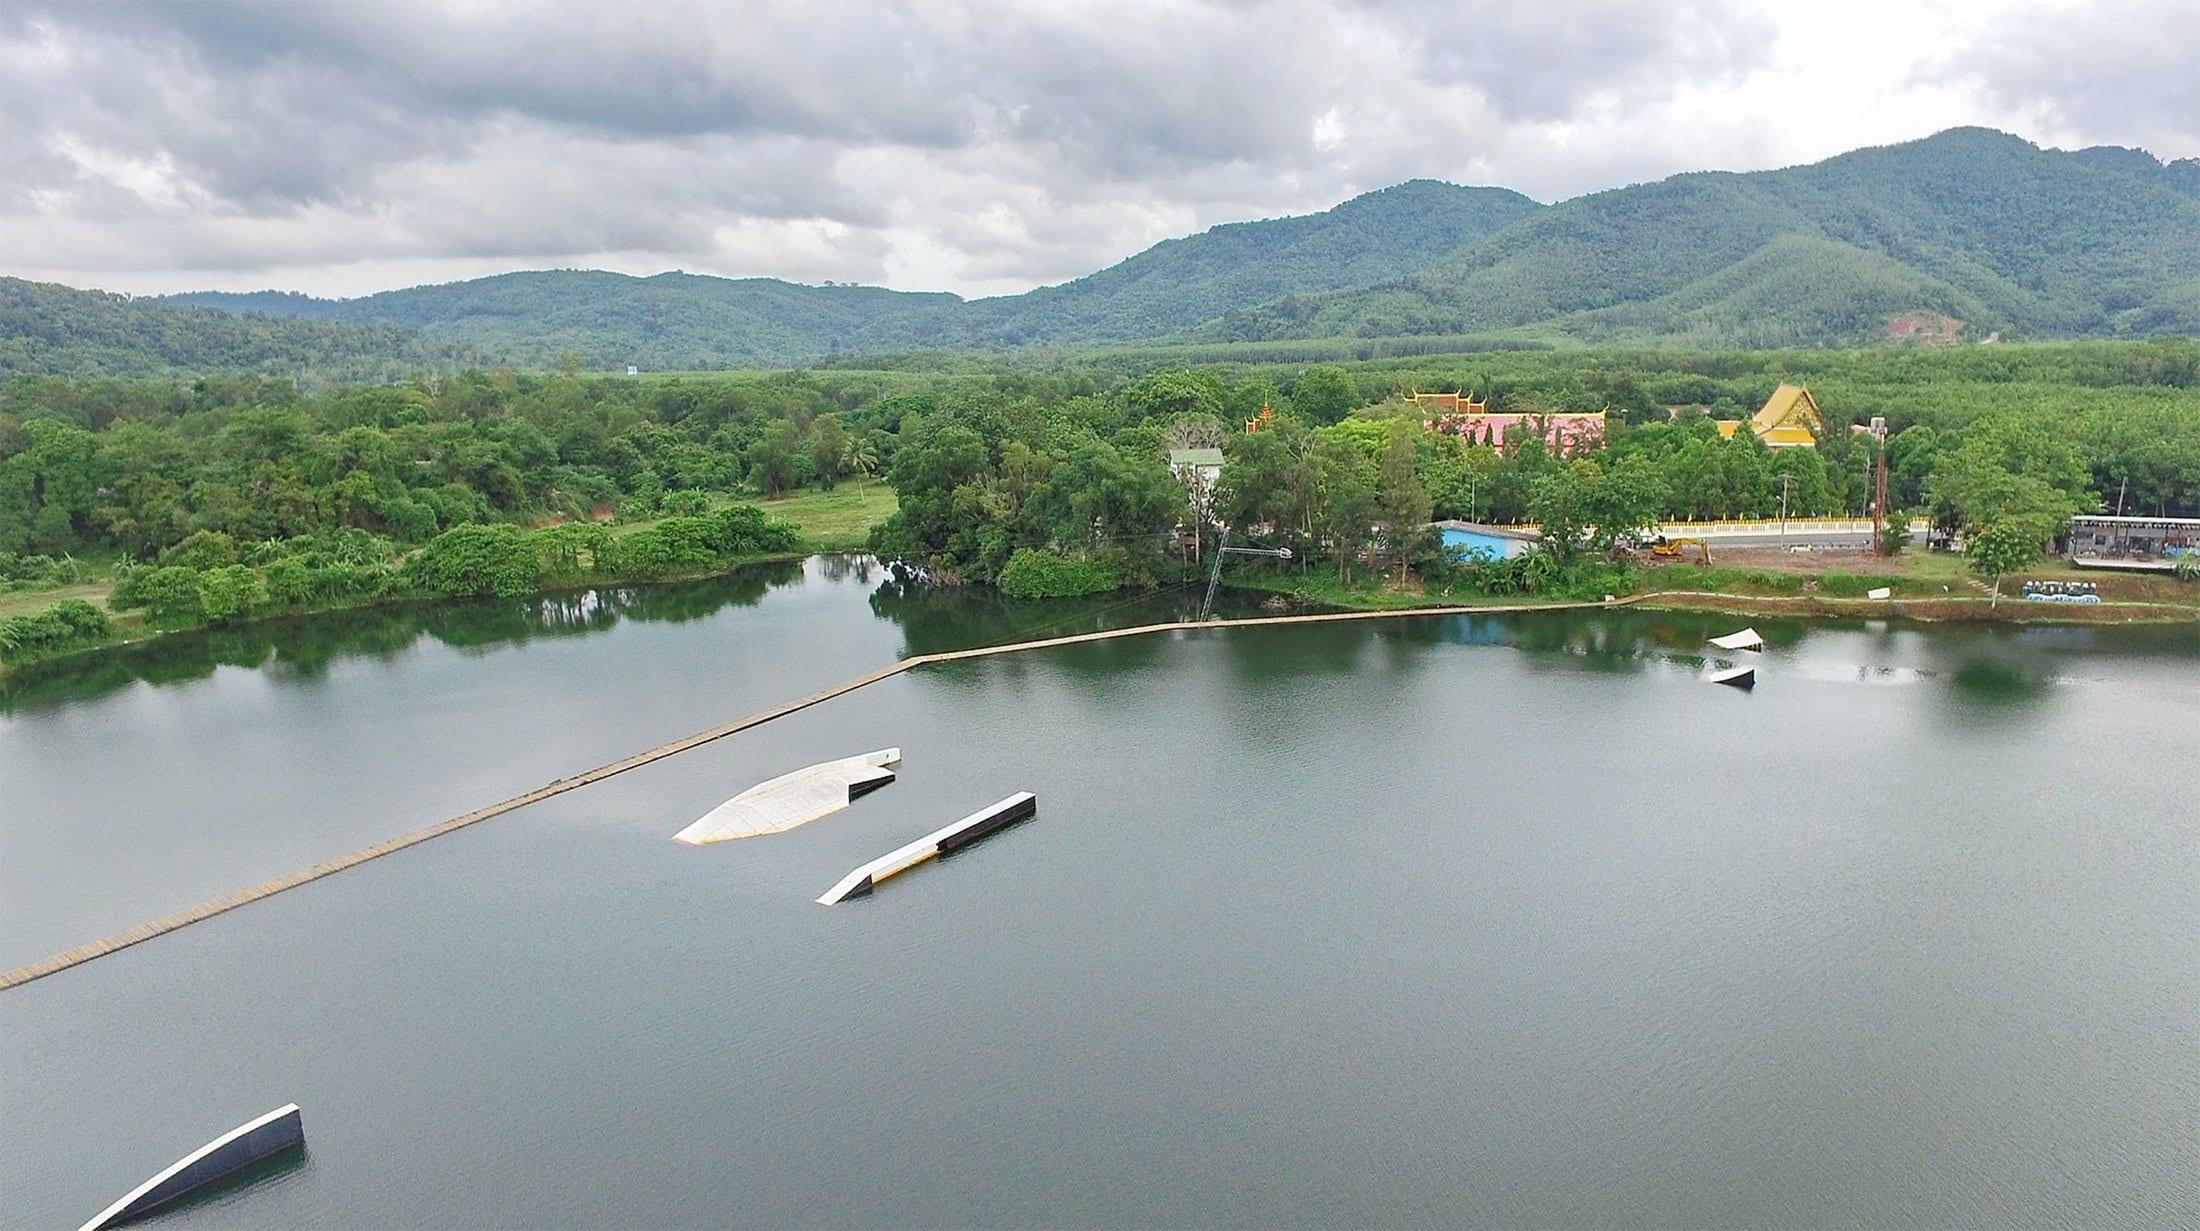 anthem-wake-park-wake-trip-thailande